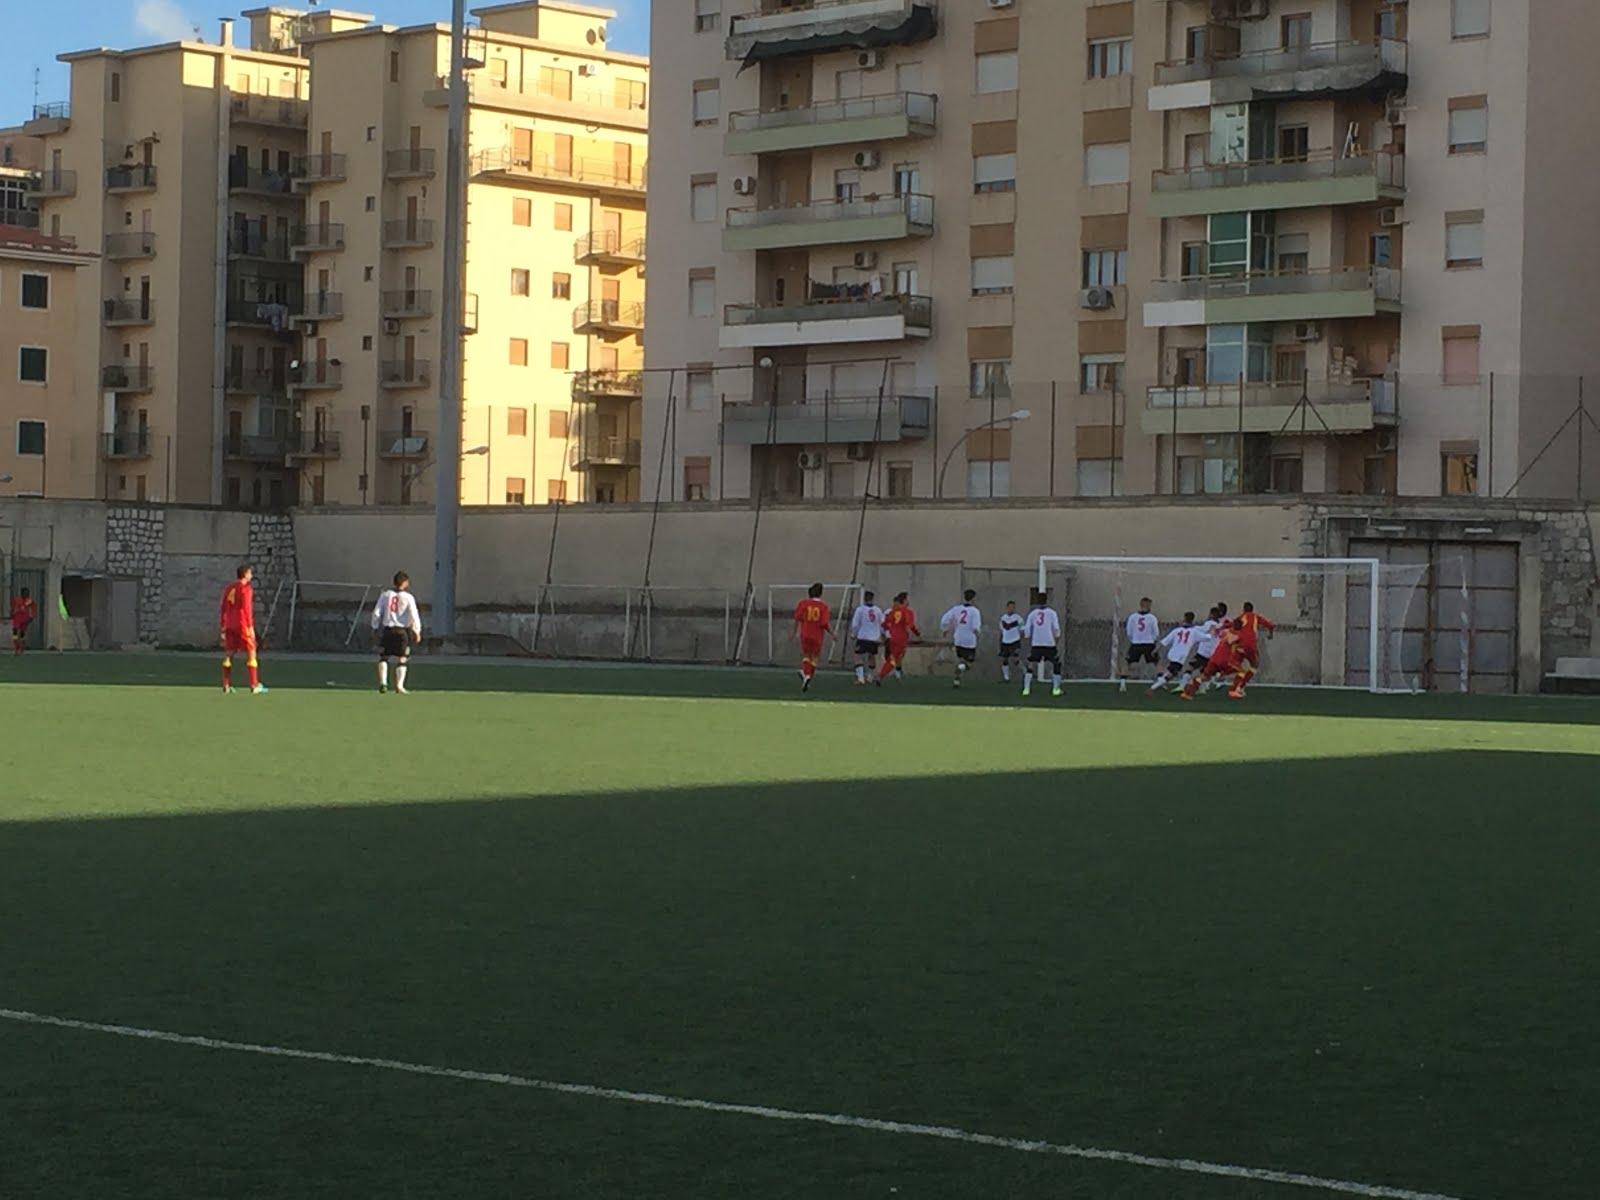 Calcio. Con l'Aspra, ancora una sconfitta esterna per il Corleone